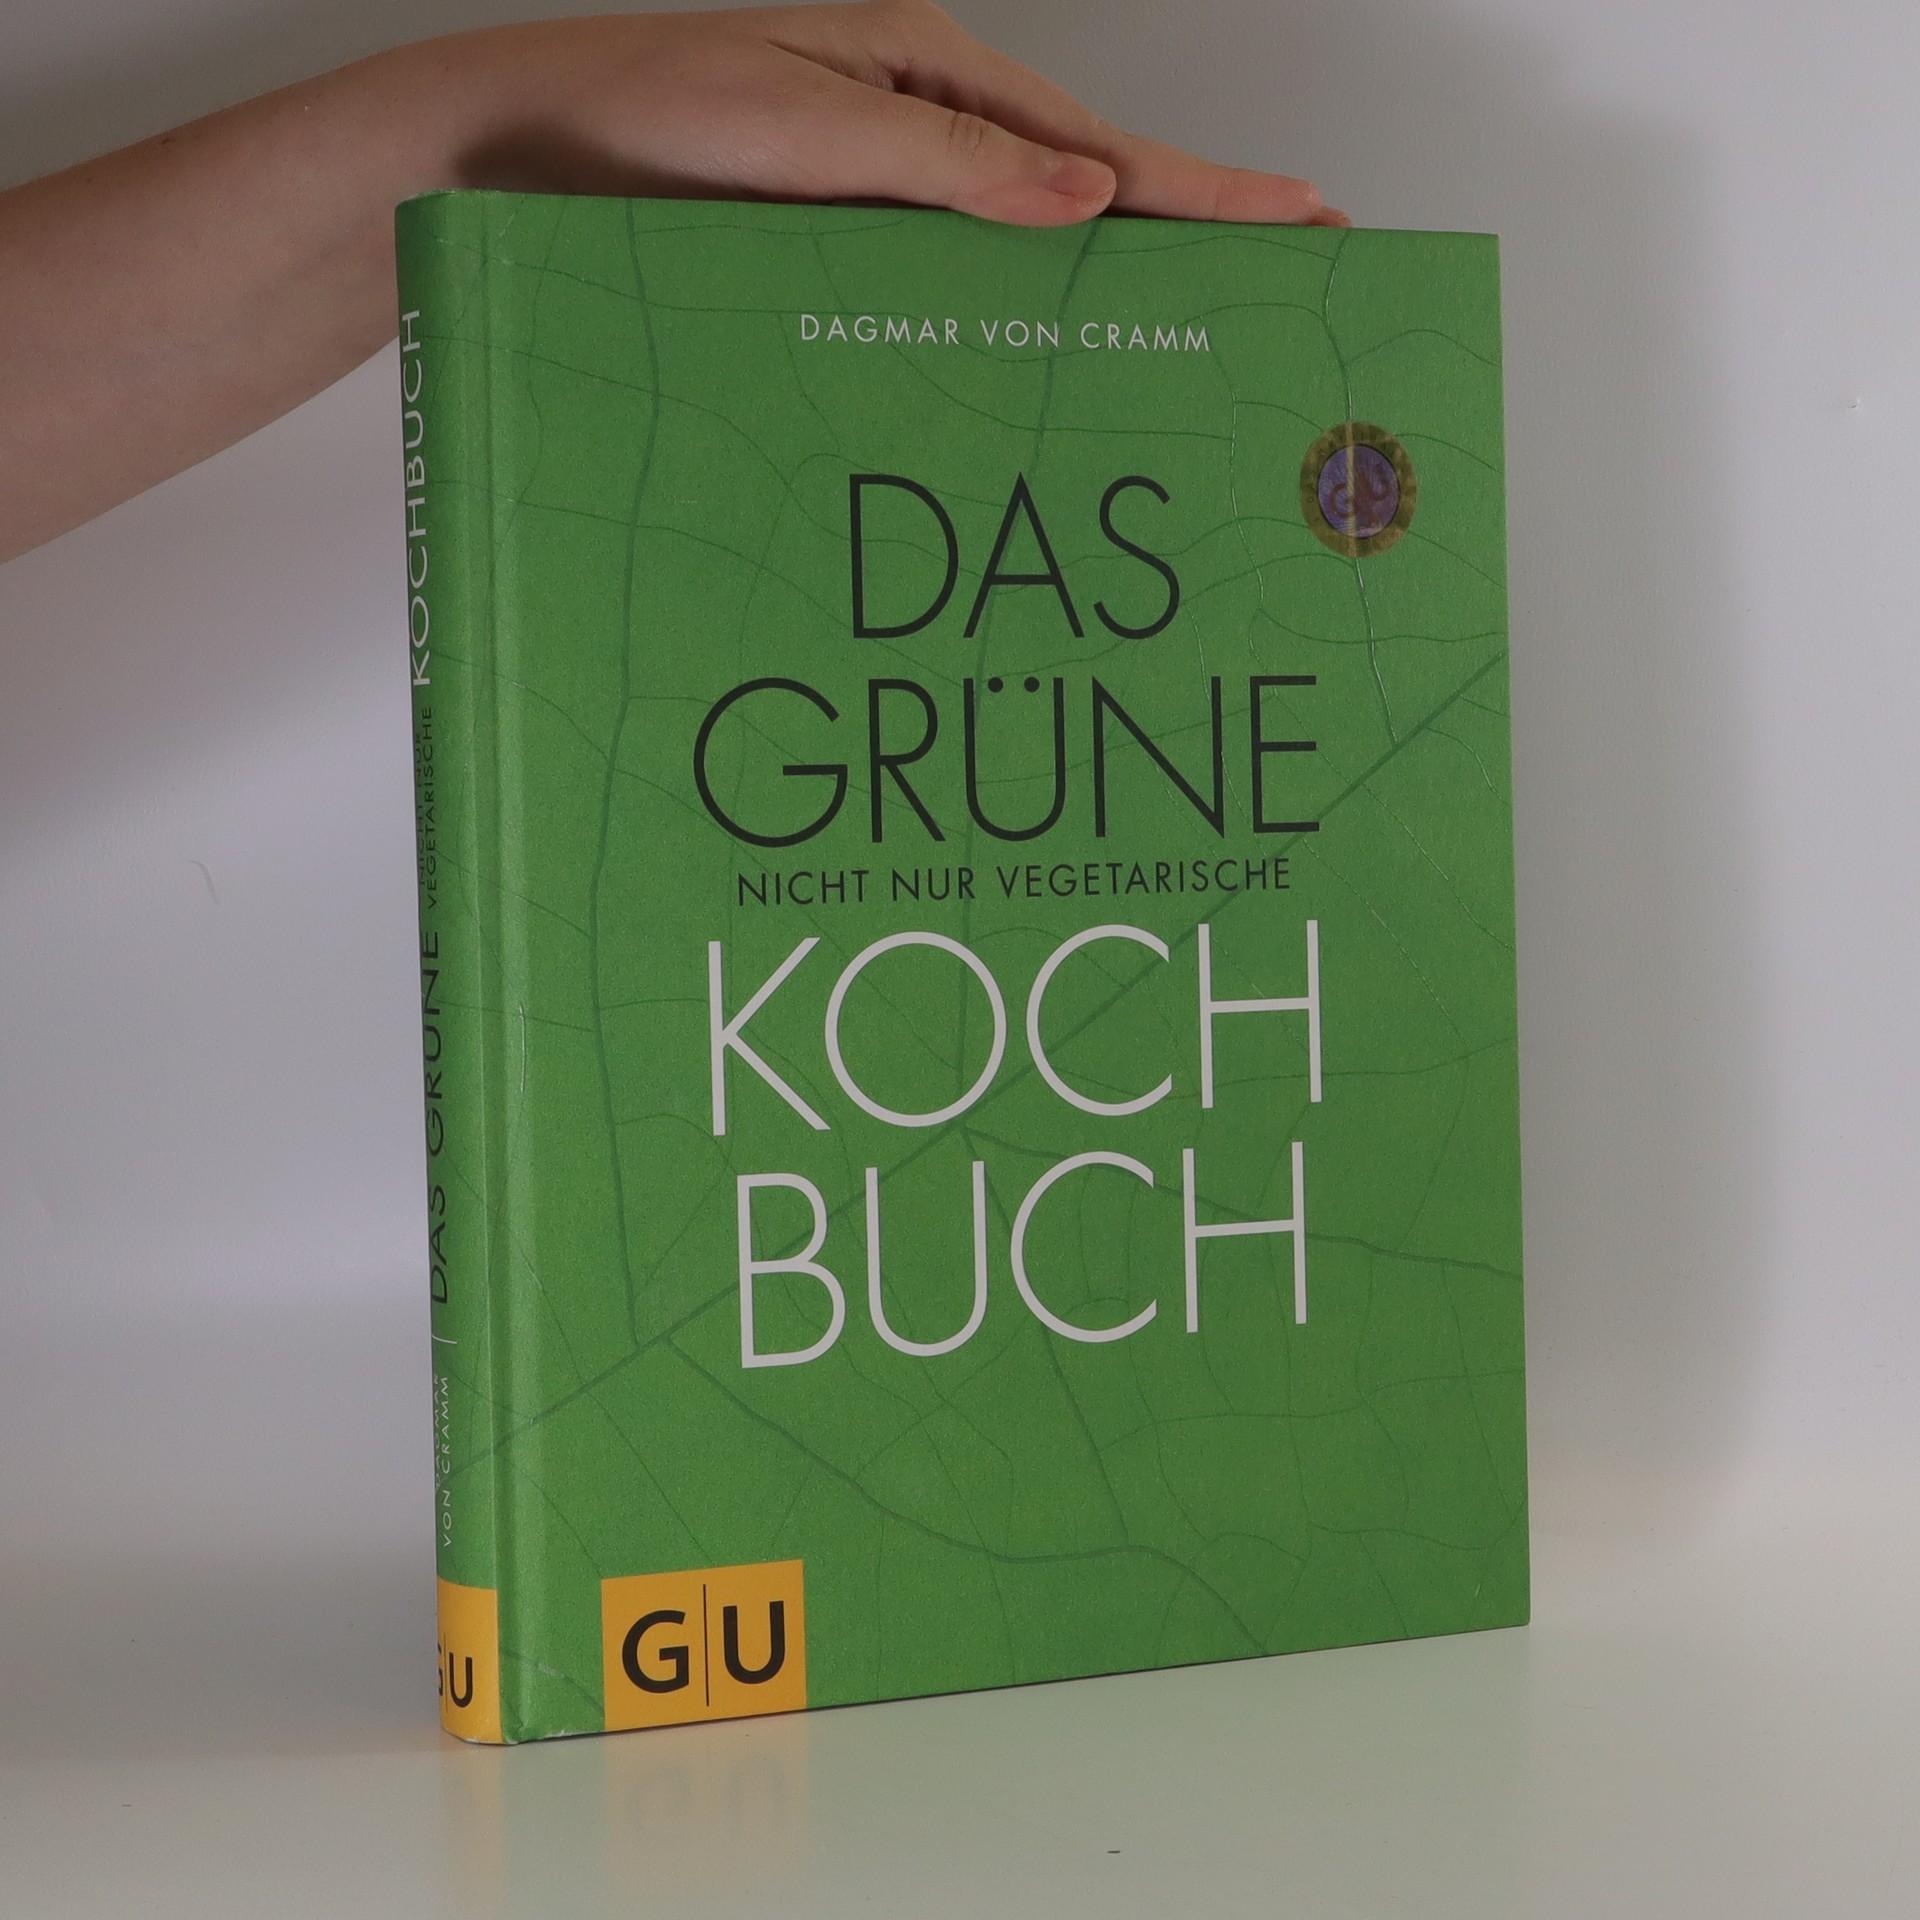 antikvární kniha Das grüne nicht nur vegetarische Kochbuch, 2012